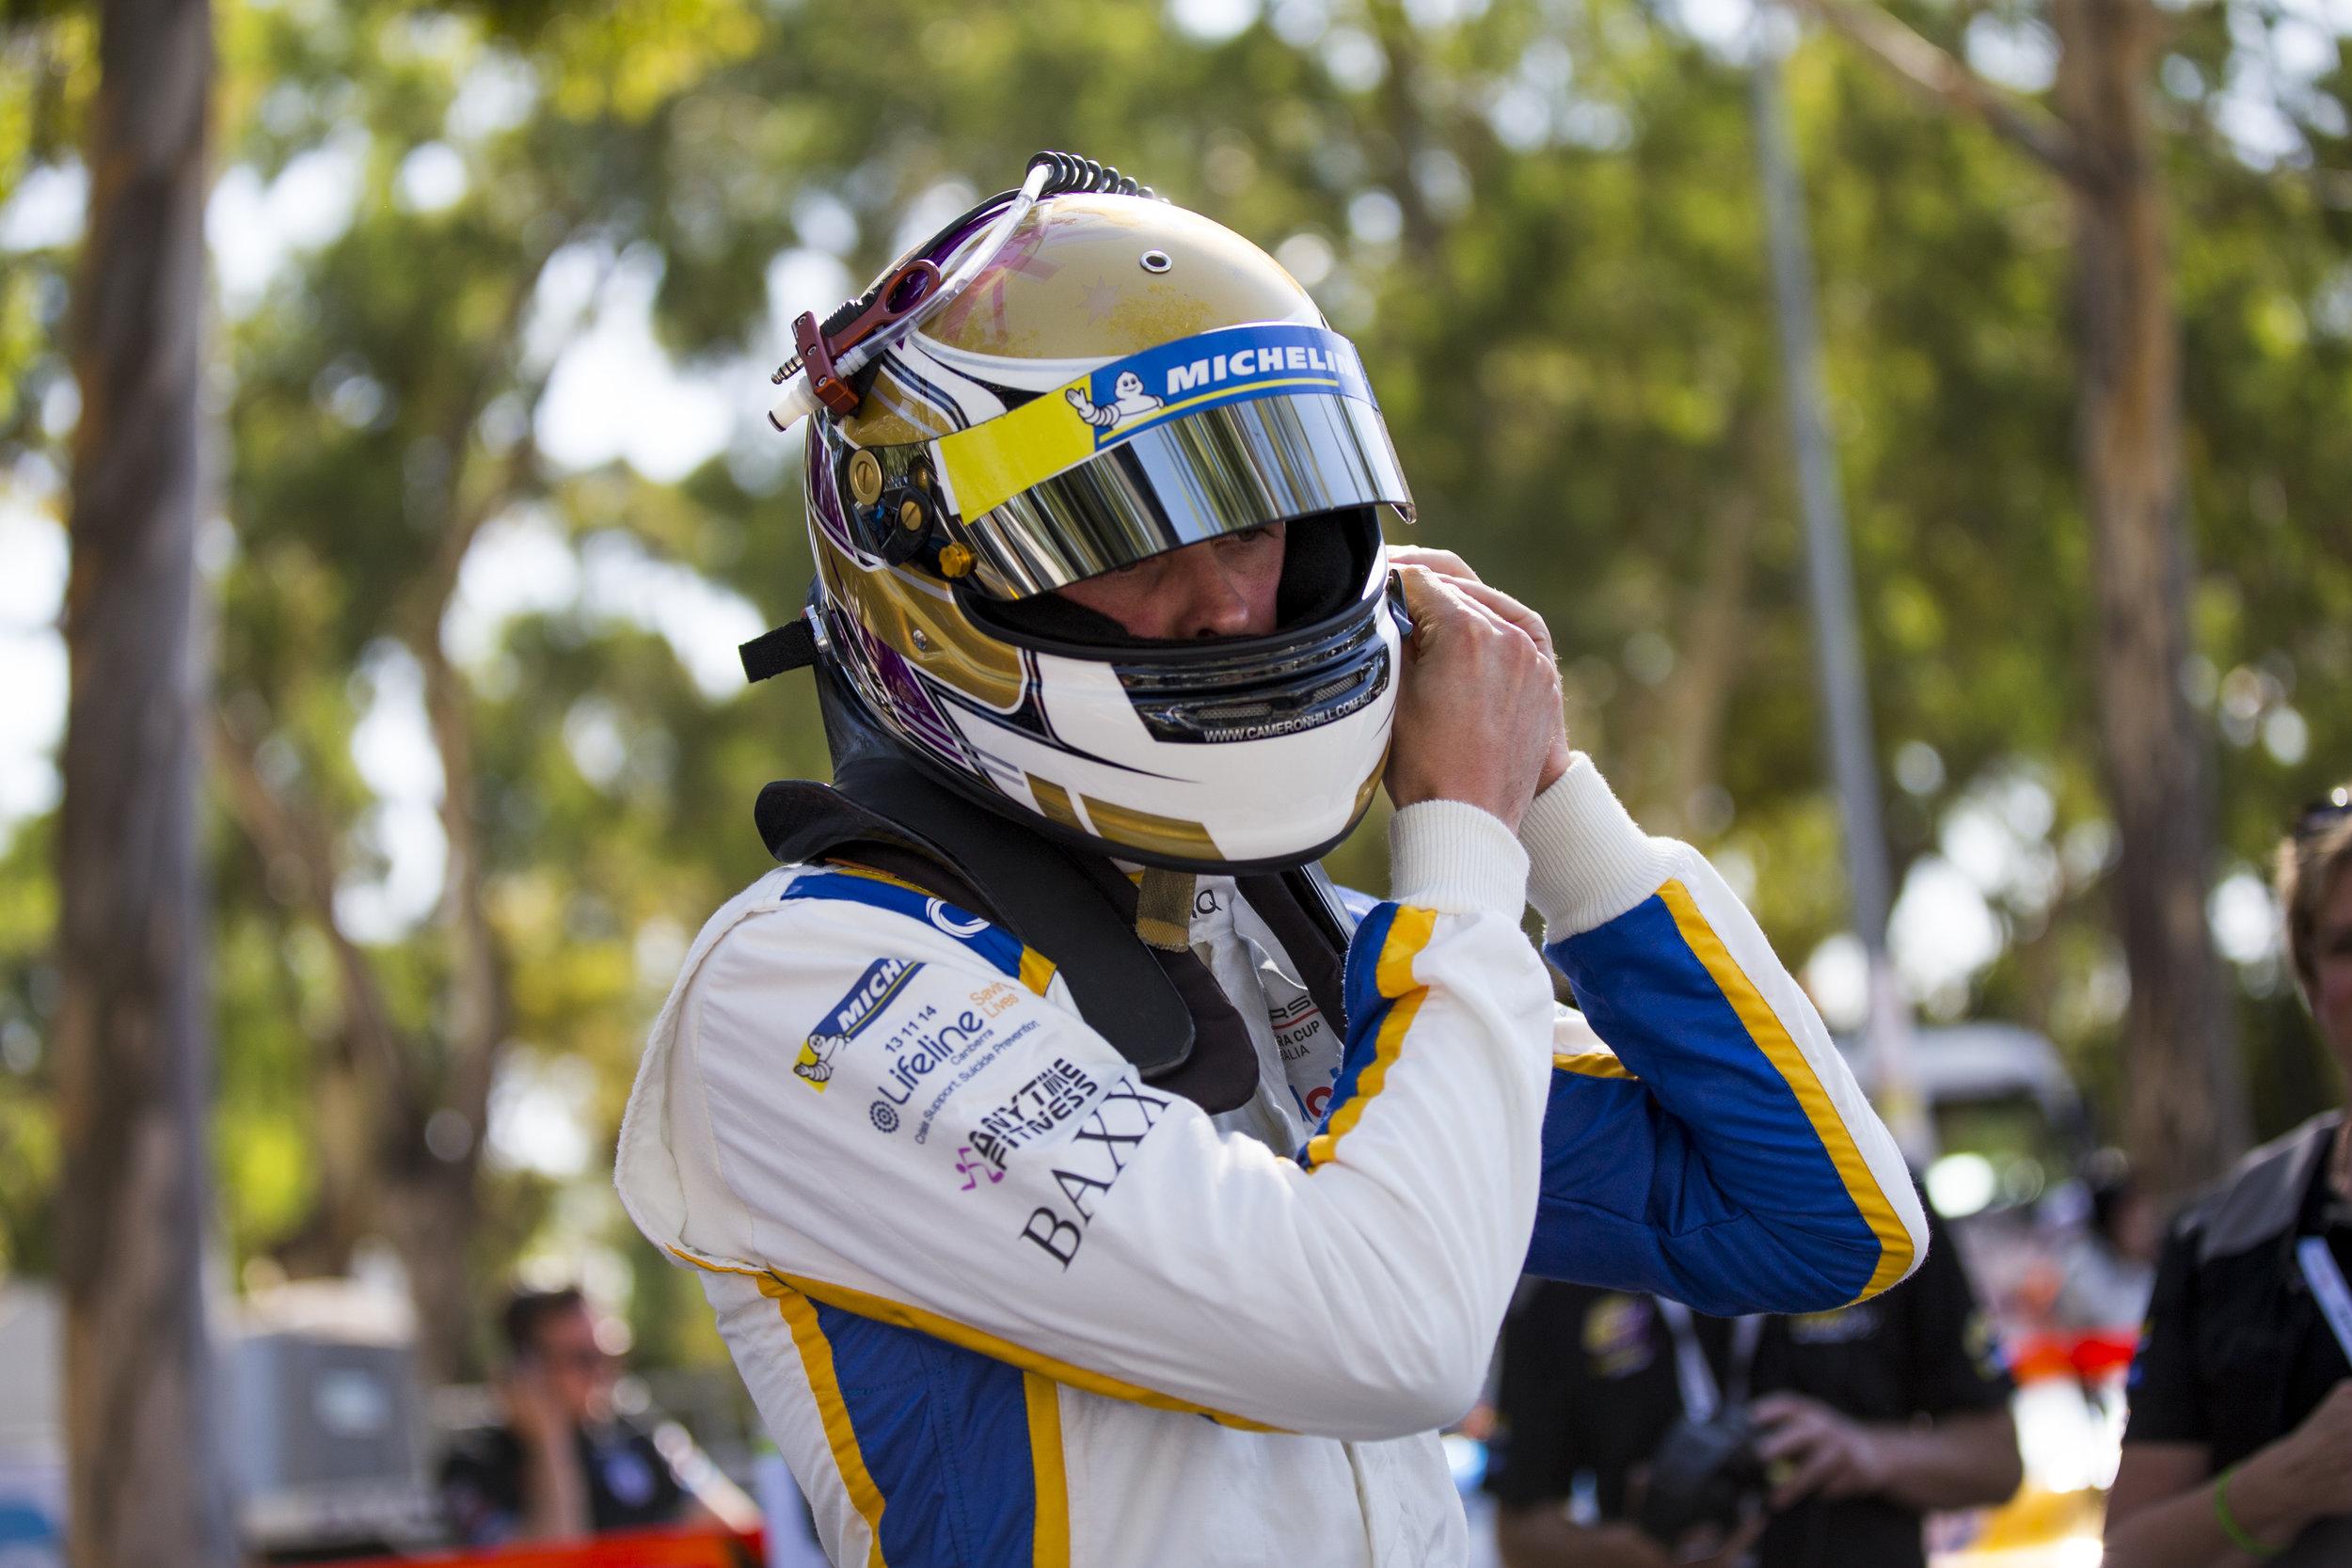 111-Hill-Carrera_Cup_R1-01841.jpg